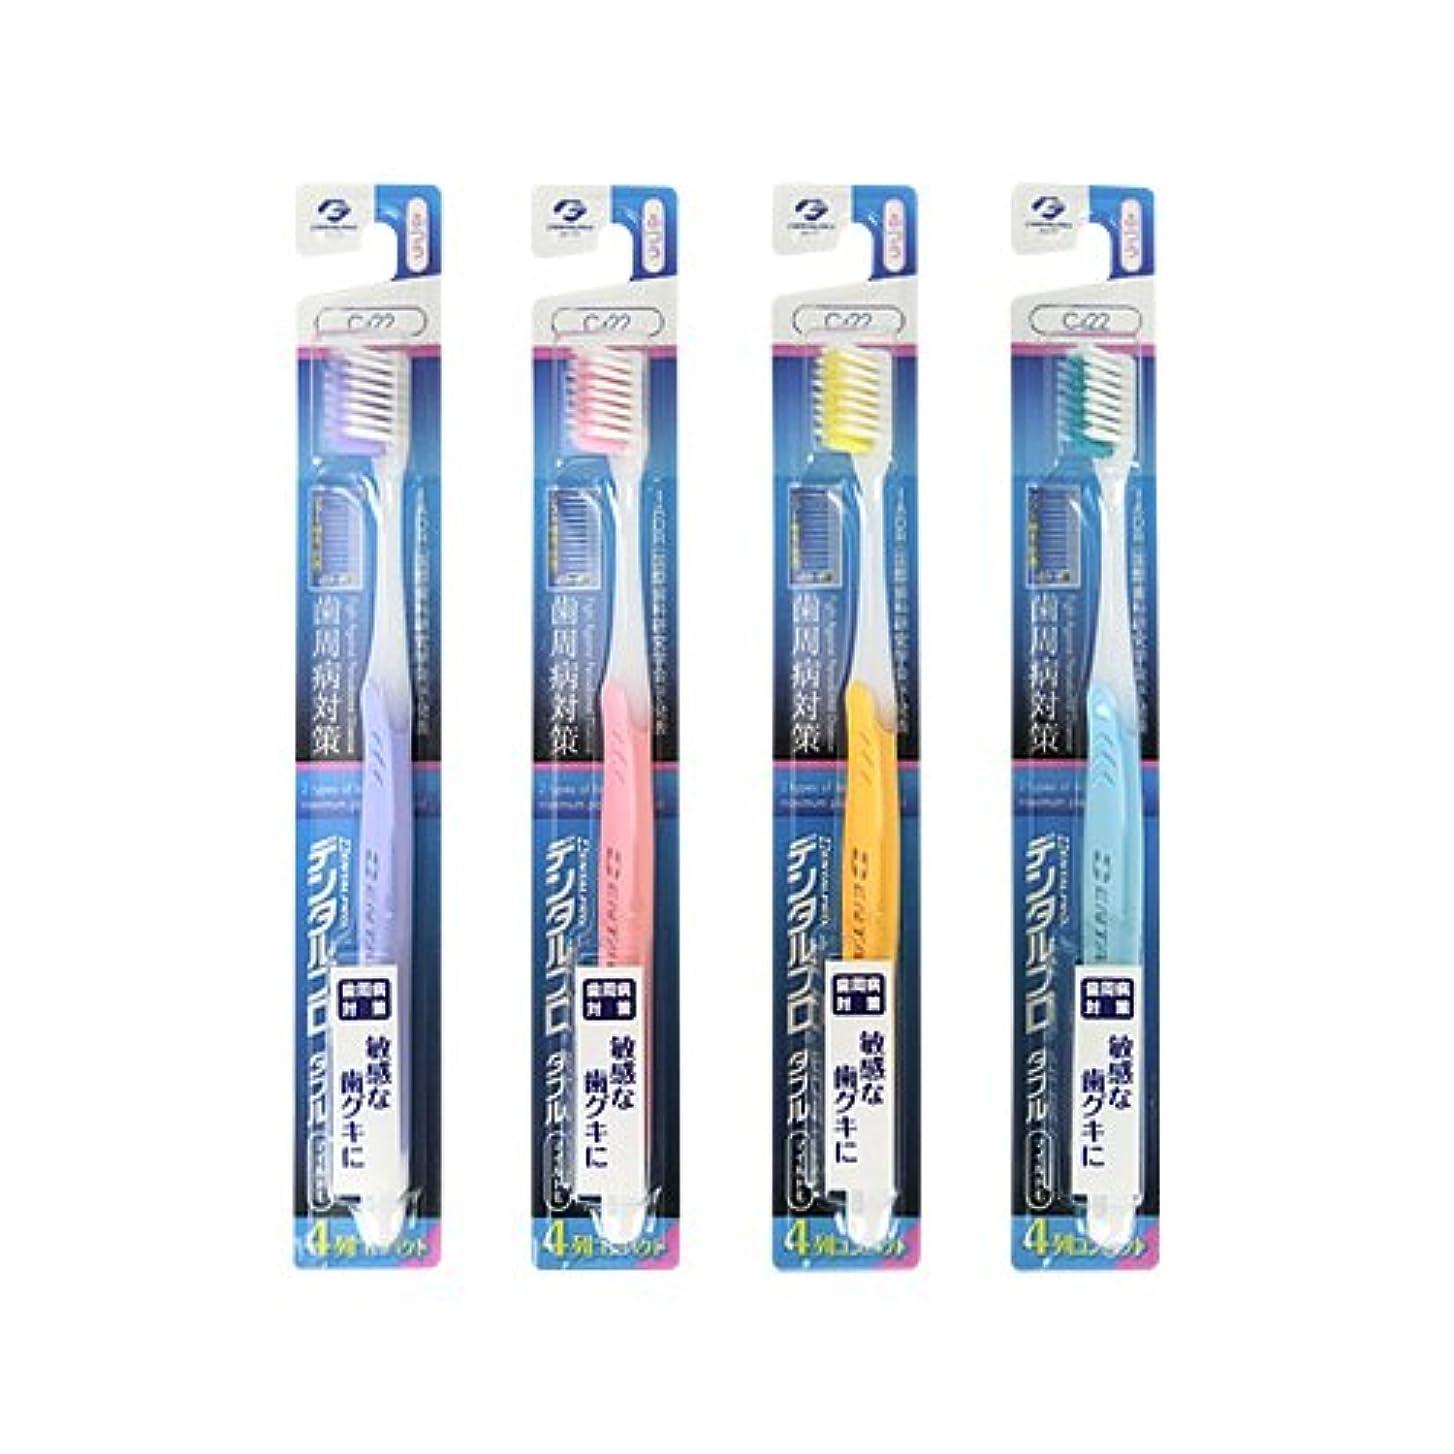 確認する閉じ込めるフォアタイプデンタルプロ ダブル マイルド 4列 歯ブラシ 5本 (ふつう 色はおまかせ)